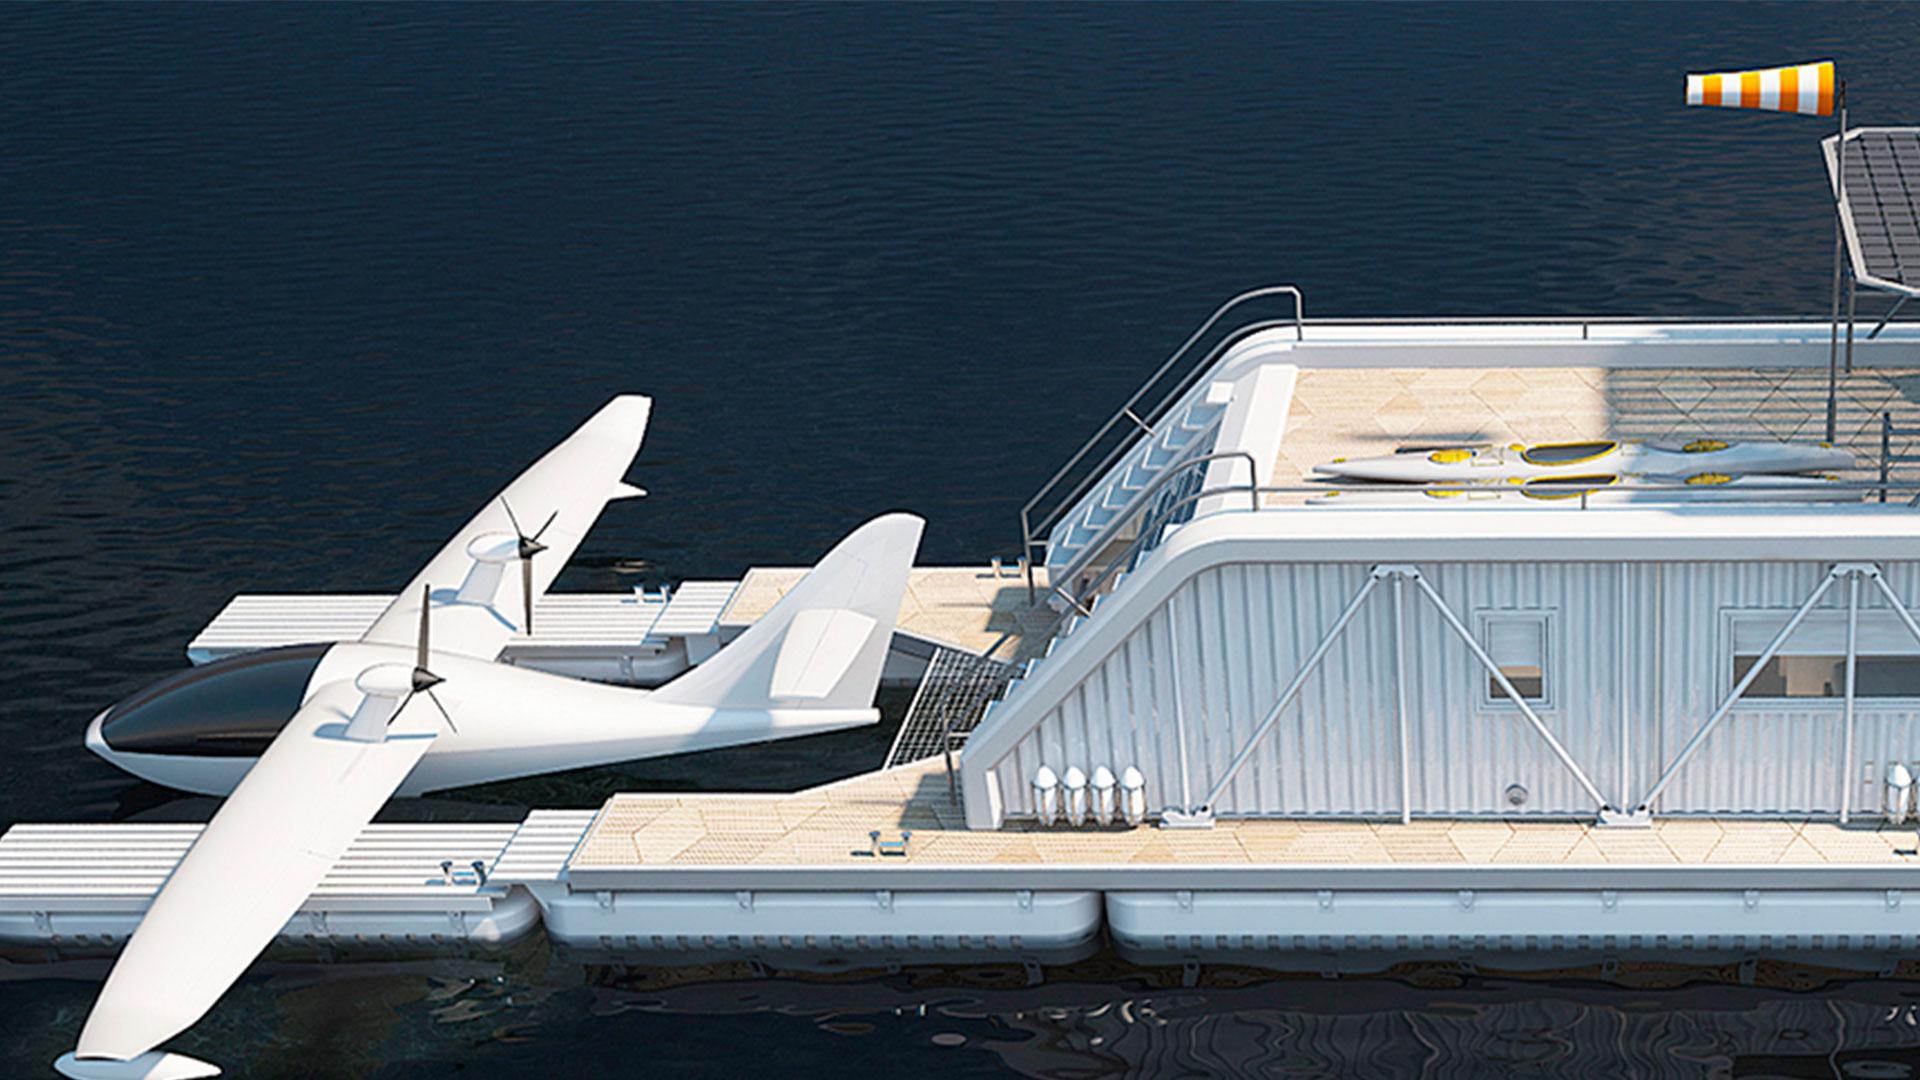 Casa avión barco hero asset